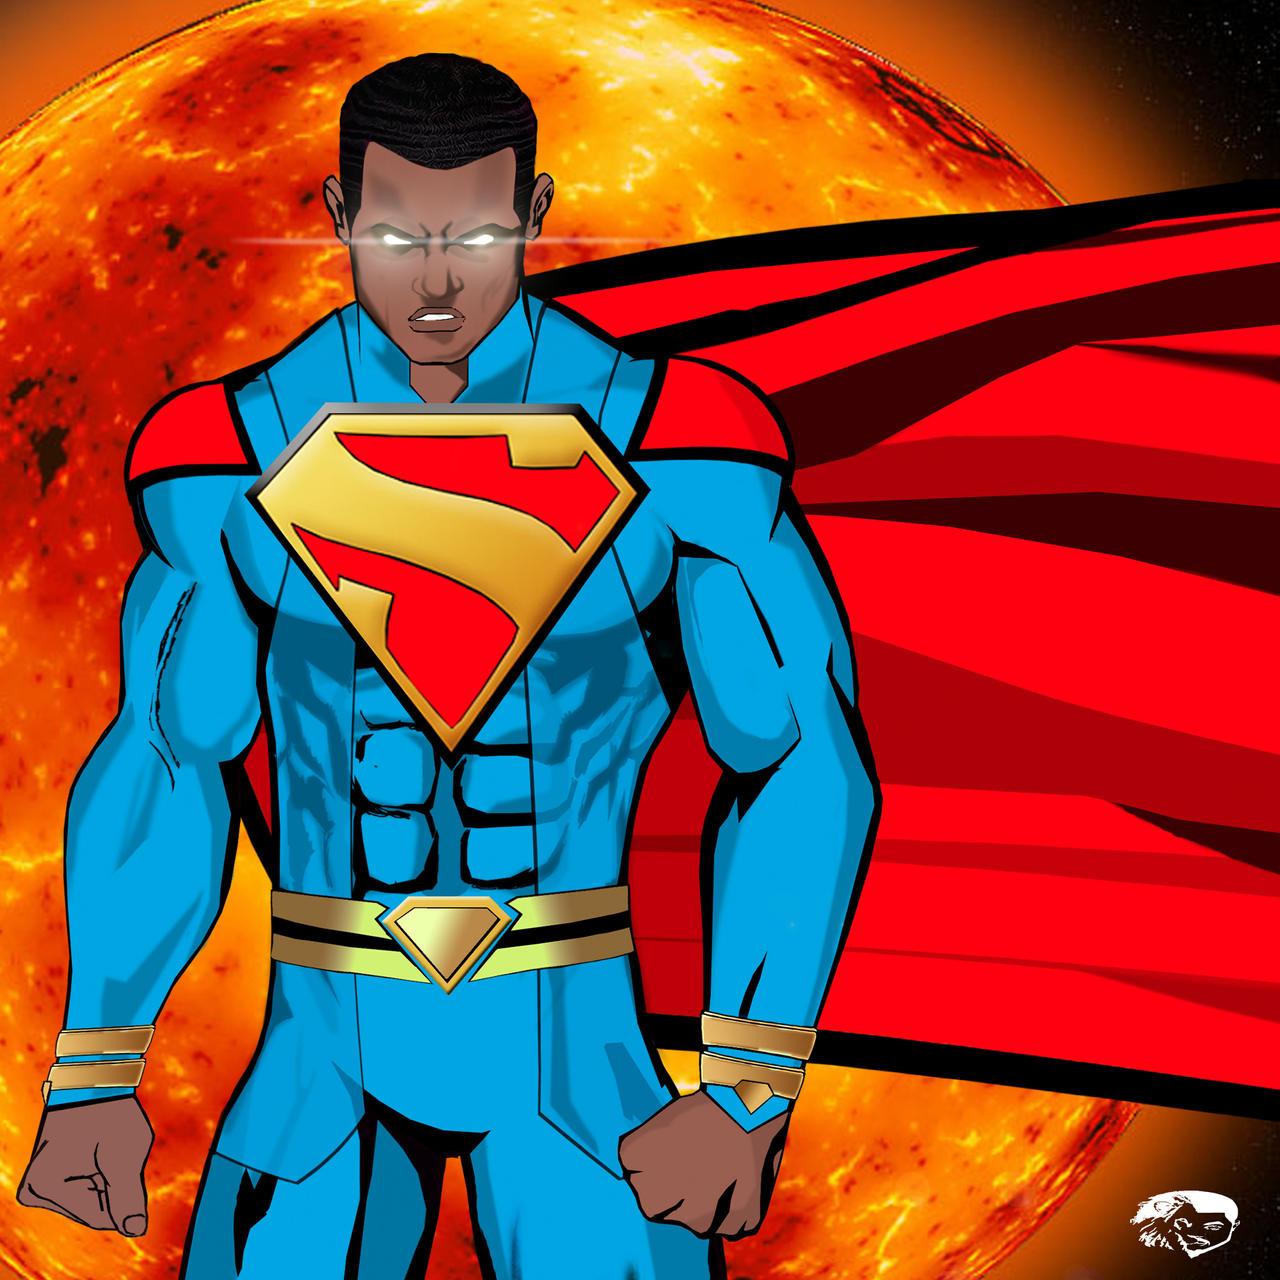 Brave New World [Silver Banshee] Calvin_ellis_kryptonian_heat_vision_by_blackliongraphix_dd414zh-fullview.jpg?token=eyJ0eXAiOiJKV1QiLCJhbGciOiJIUzI1NiJ9.eyJzdWIiOiJ1cm46YXBwOjdlMGQxODg5ODIyNjQzNzNhNWYwZDQxNWVhMGQyNmUwIiwiaXNzIjoidXJuOmFwcDo3ZTBkMTg4OTgyMjY0MzczYTVmMGQ0MTVlYTBkMjZlMCIsIm9iaiI6W1t7ImhlaWdodCI6Ijw9MTI4MCIsInBhdGgiOiJcL2ZcL2I0ZTE5NGRiLWY5MjItNDU2OS04YWUyLTRiNTNhNDBmY2JlZFwvZGQ0MTR6aC1kZDI3NjhjYS1jNGVhLTQzOTYtYTY4Zi0wNDQwYjQyODIyMmEuanBnIiwid2lkdGgiOiI8PTEyODAifV1dLCJhdWQiOlsidXJuOnNlcnZpY2U6aW1hZ2Uub3BlcmF0aW9ucyJdfQ